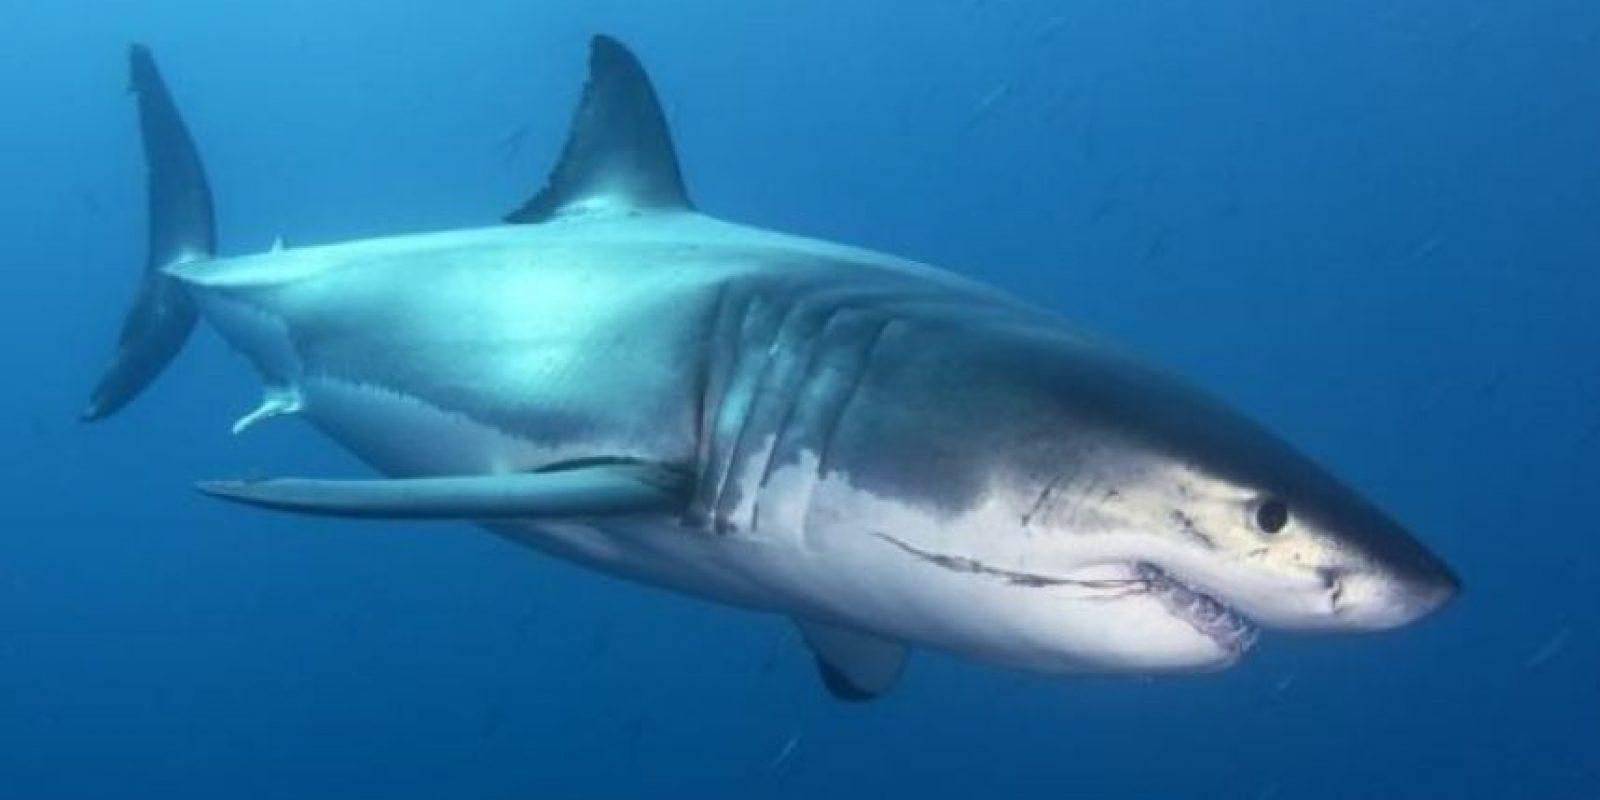 """En su ranking, los tiburones sólo provocan 8% de muertes, mientras que las selfies 12% de muertos en lo que lleva de este año. Sin embargo, el sitio estadounidense """"The Washington Post"""" afirma que es absurdo realizar dicha comparación, pues el ataque de un tiburón es un mecanismo """"directo a la muerte"""" y las selfies llamadas por los especialistas de la salud, son mecanismos subyacentes. Foto:Tumblr"""